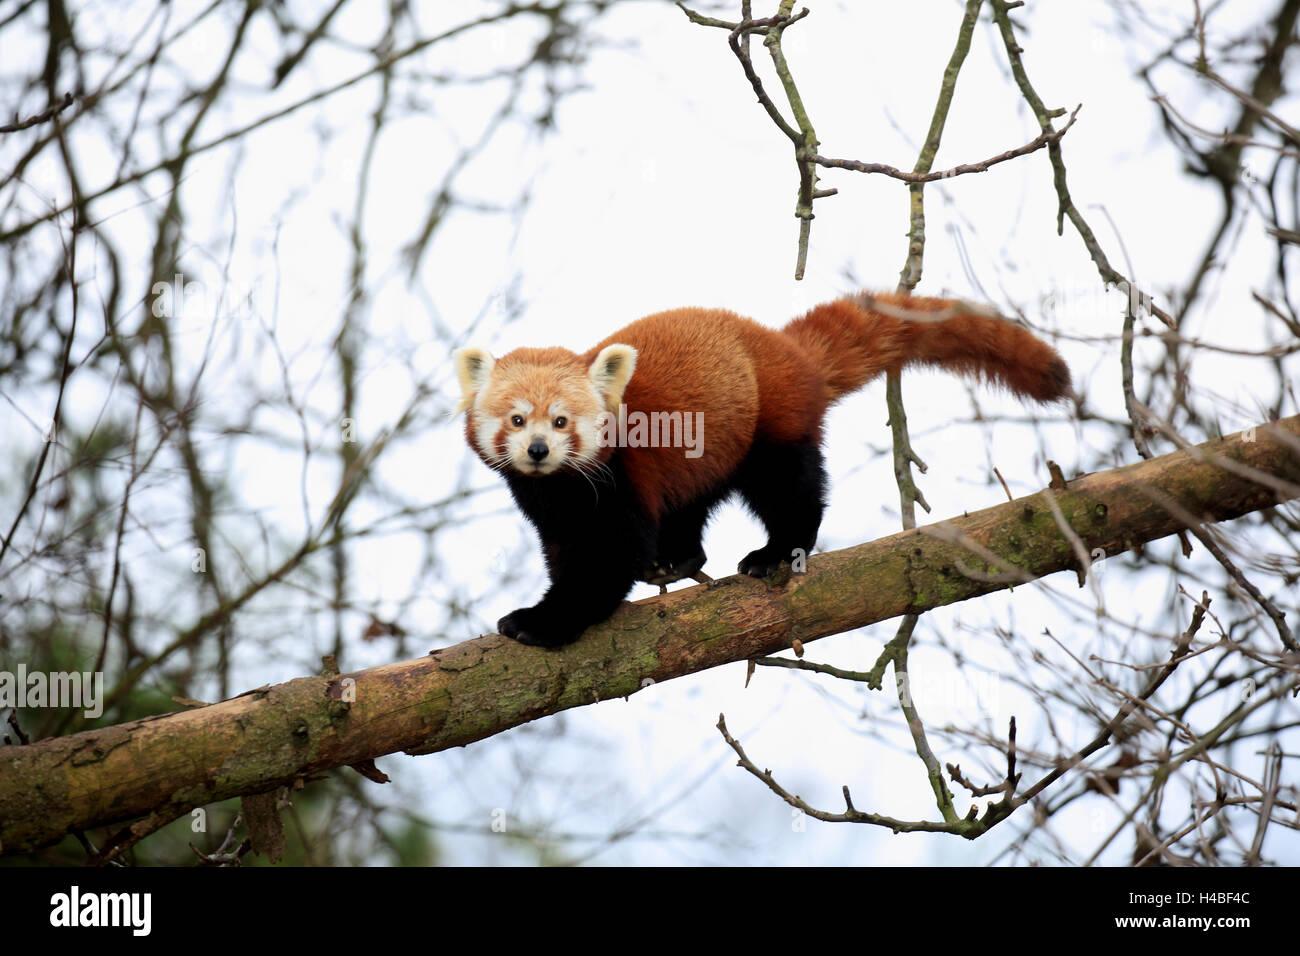 Le panda rouge tournant sur le tronc, Ailurus fulgens Photo Stock